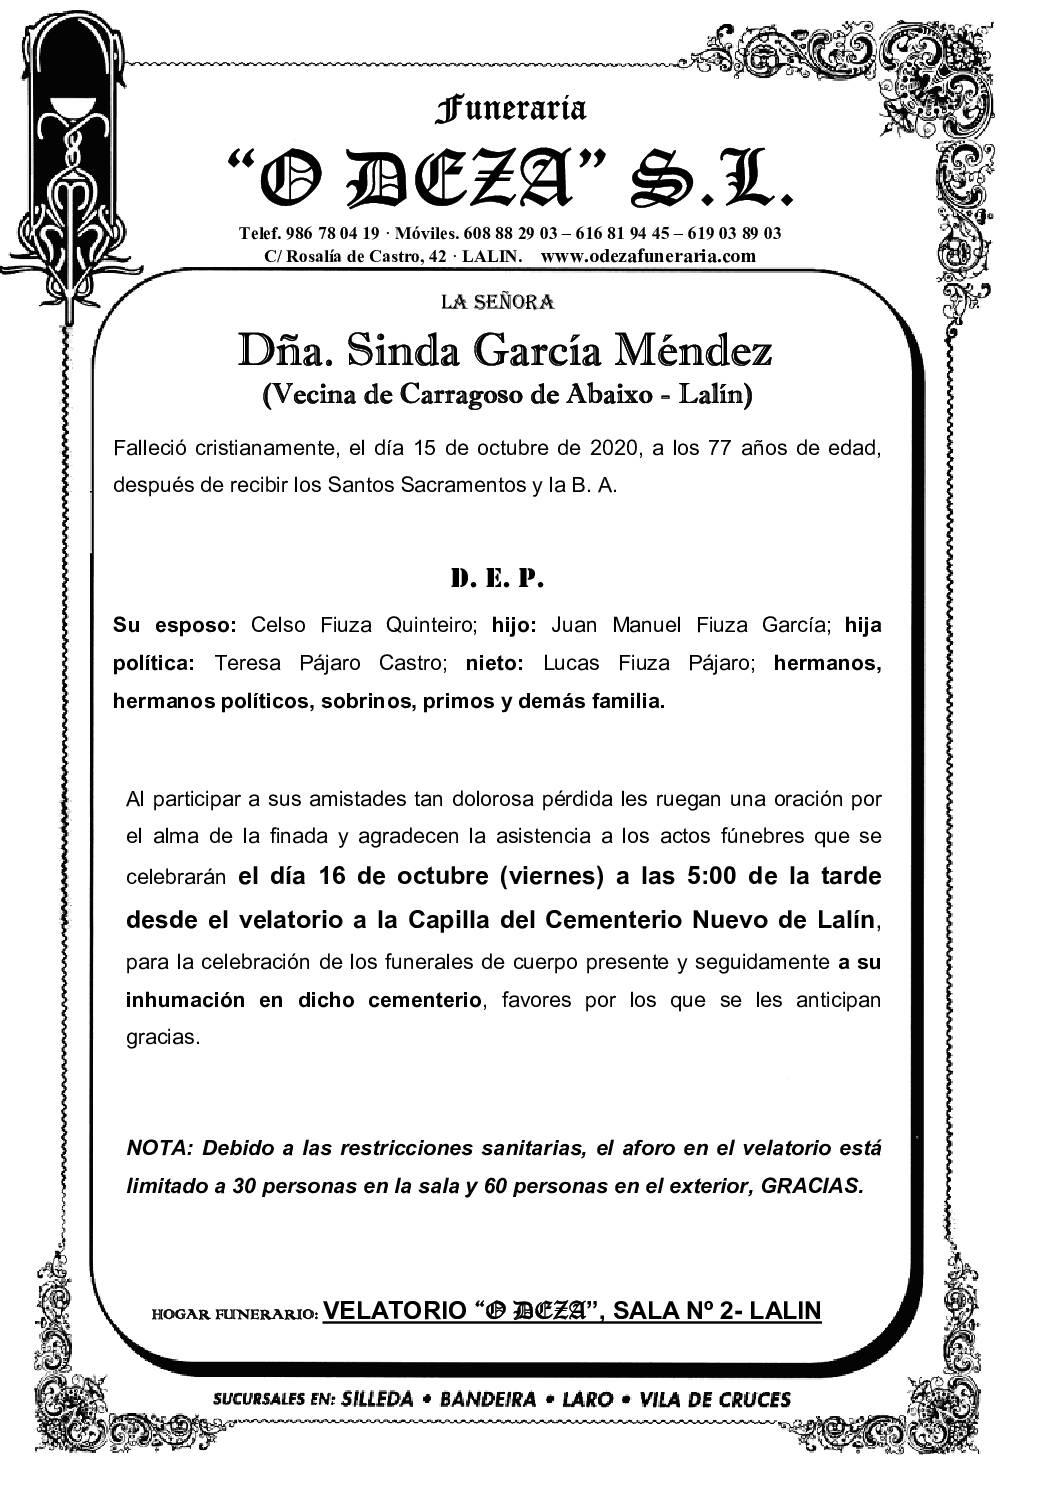 DÑA. SINDA GARCÍA MÉNDEZ